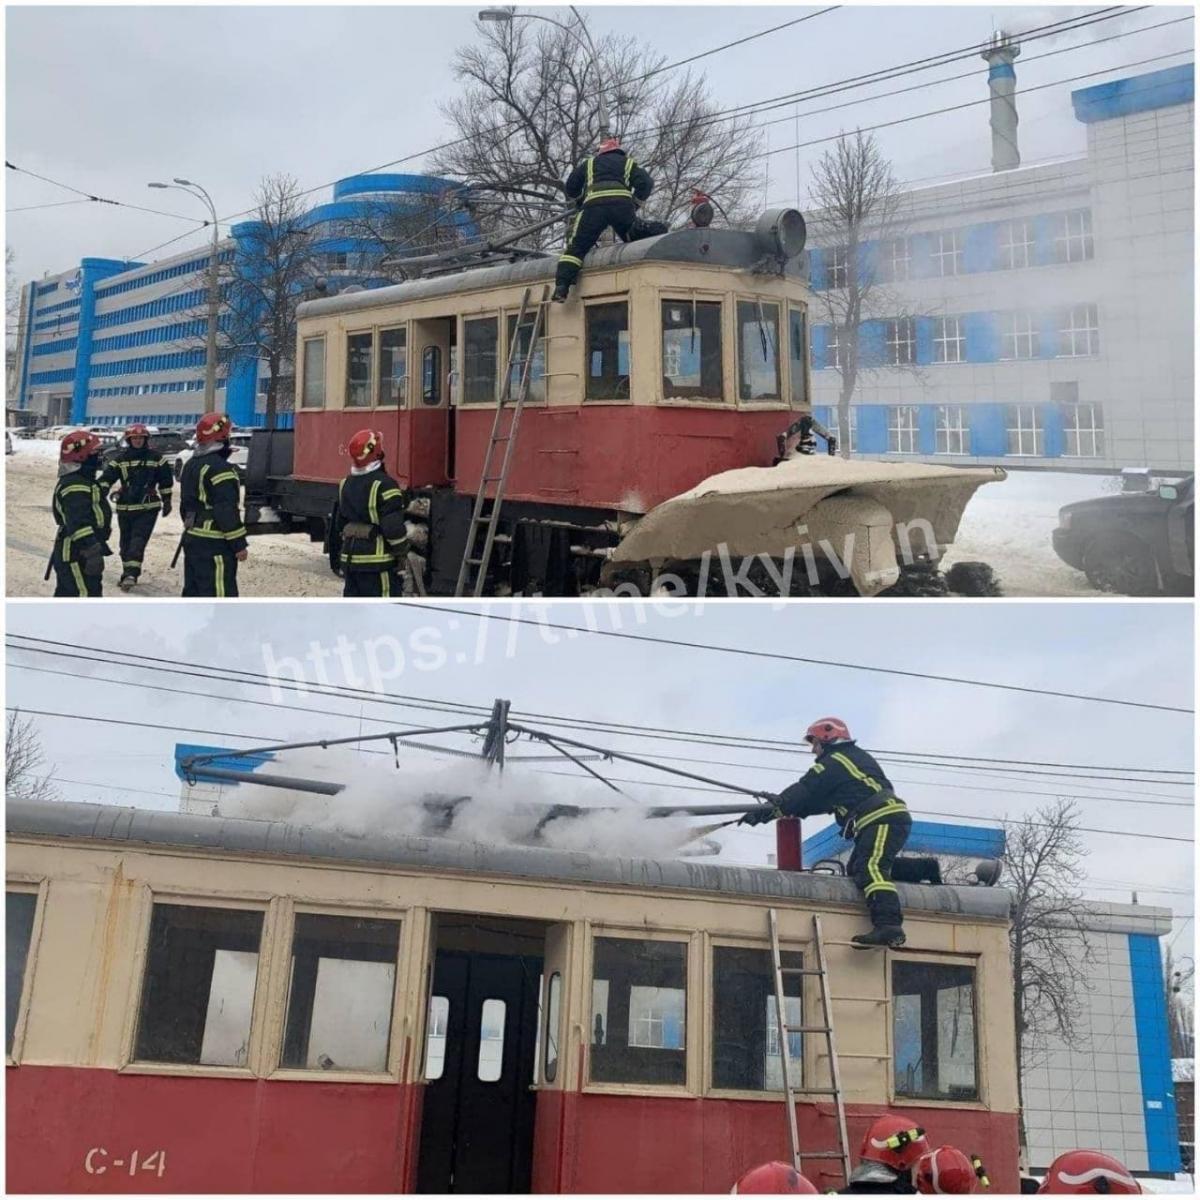 Загорелась крыша трамвая / Киев сейчас